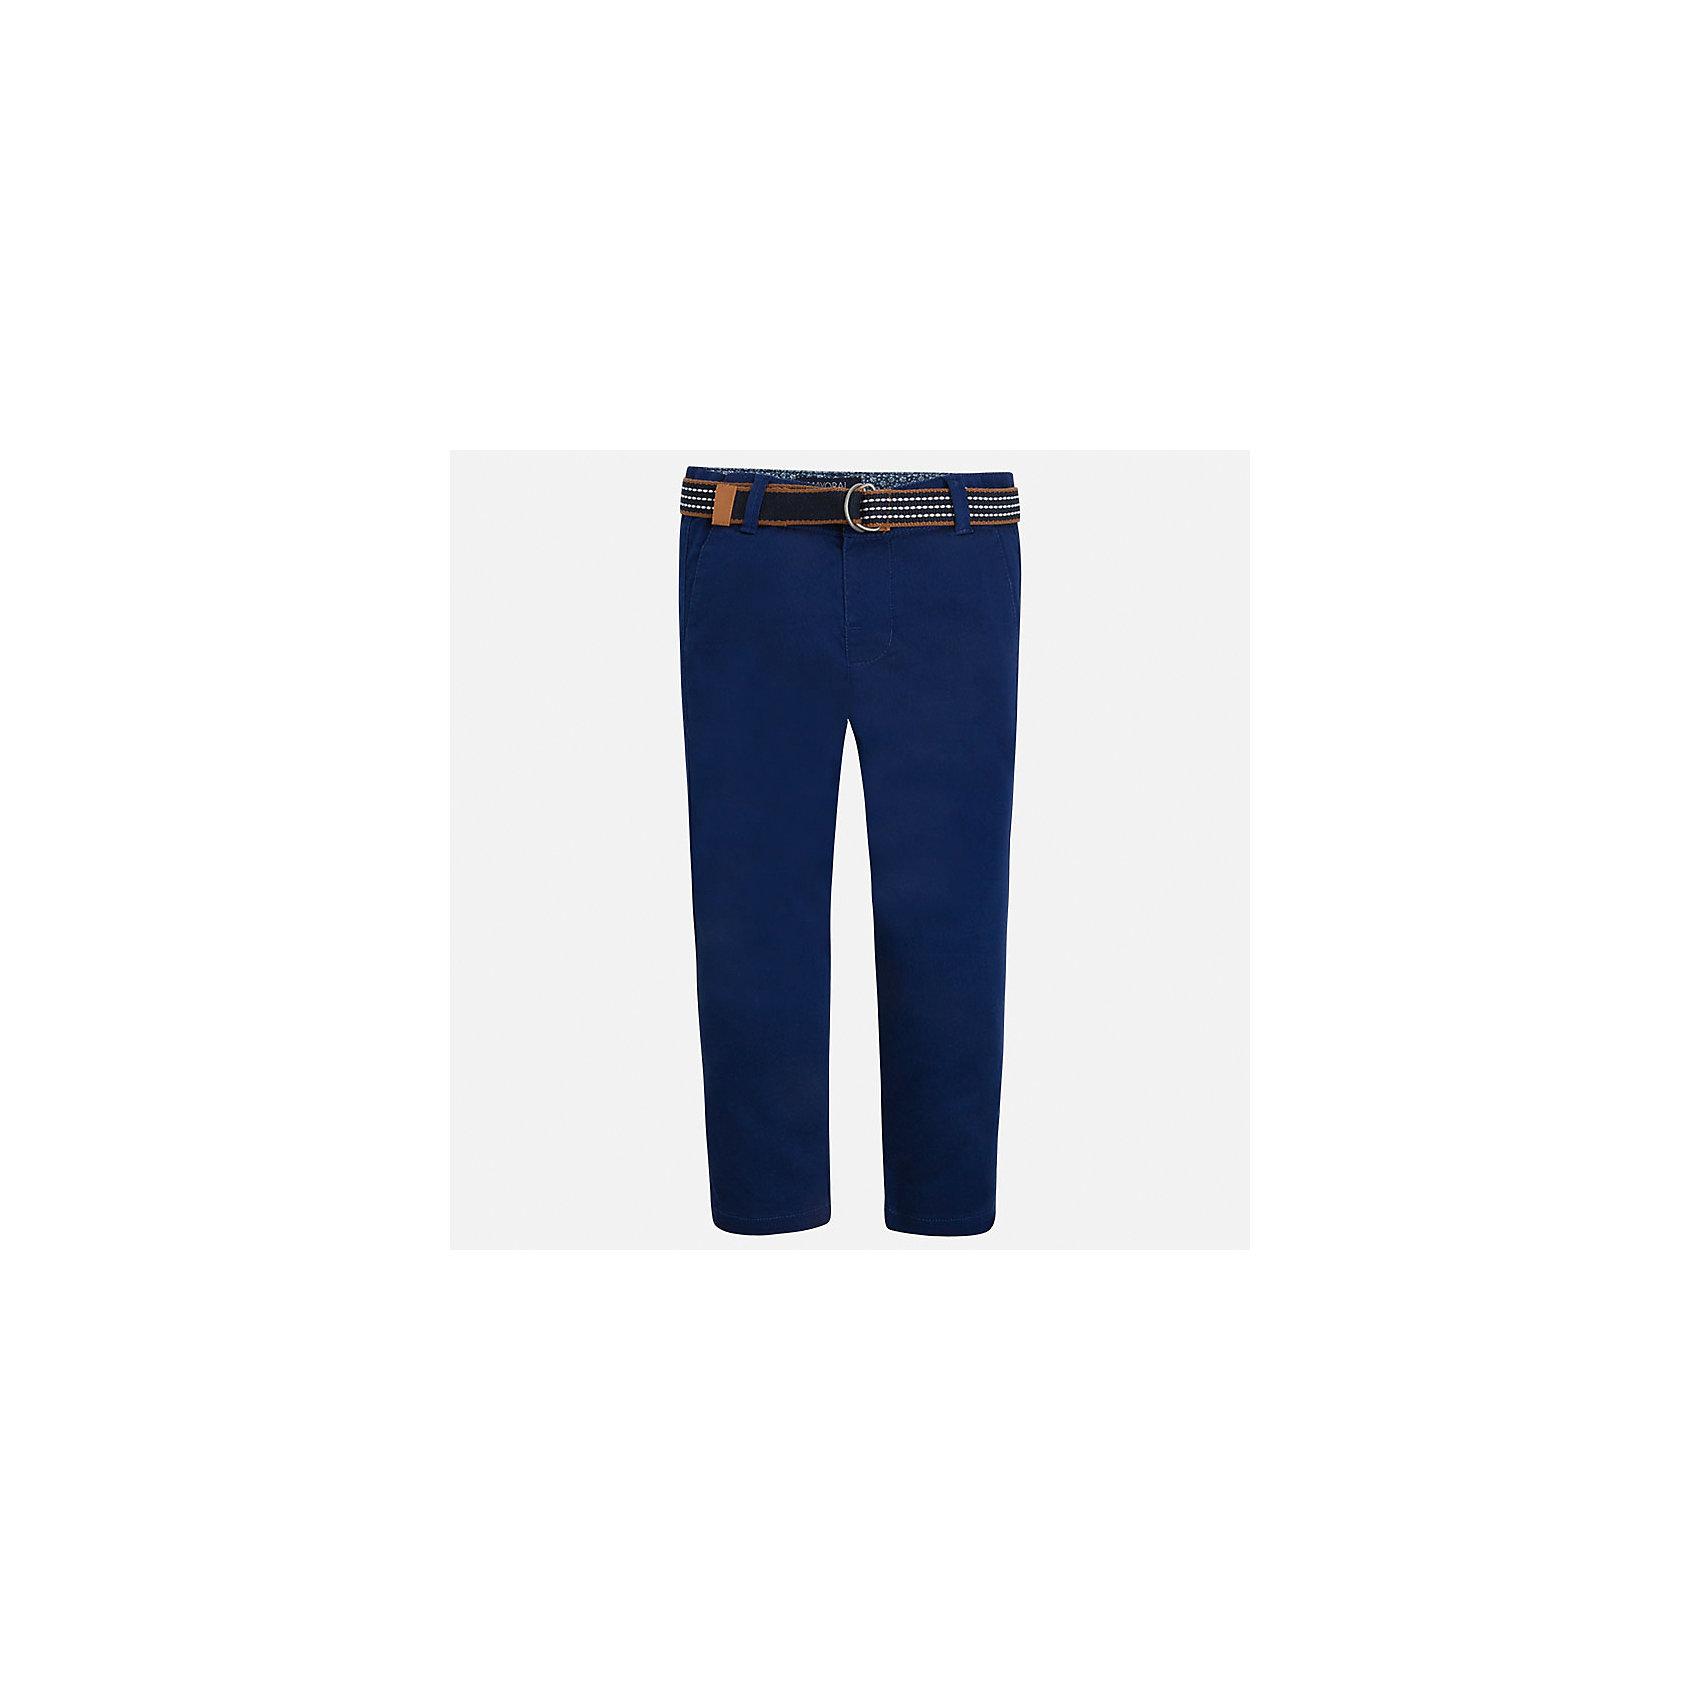 Брюки для мальчика MayoralХарактеристики товара:<br><br>• цвет: синий<br>• состав: 98% хлопок, 2% эластан<br>• контрастная подкладка<br>• шлевки<br>• карманы<br>• пояс с регулировкой объема<br>• классический силуэт<br>• страна бренда: Испания<br><br>Модные брюки для мальчика смогут стать базовой вещью в гардеробе ребенка. Они отлично сочетаются с майками, футболками, рубашками и т.д. Универсальный крой и цвет позволяет подобрать к вещи верх разных расцветок. Практичное и стильное изделие! В составе материала - натуральный хлопок, гипоаллергенный, приятный на ощупь, дышащий.<br><br>Одежда, обувь и аксессуары от испанского бренда Mayoral полюбились детям и взрослым по всему миру. Модели этой марки - стильные и удобные. Для их производства используются только безопасные, качественные материалы и фурнитура. Порадуйте ребенка модными и красивыми вещами от Mayoral! <br><br>Брюки для мальчика от испанского бренда Mayoral (Майорал) можно купить в нашем интернет-магазине.<br><br>Ширина мм: 215<br>Глубина мм: 88<br>Высота мм: 191<br>Вес г: 336<br>Цвет: черный<br>Возраст от месяцев: 24<br>Возраст до месяцев: 36<br>Пол: Мужской<br>Возраст: Детский<br>Размер: 98,134,128,116,110,104,92,122<br>SKU: 5280801